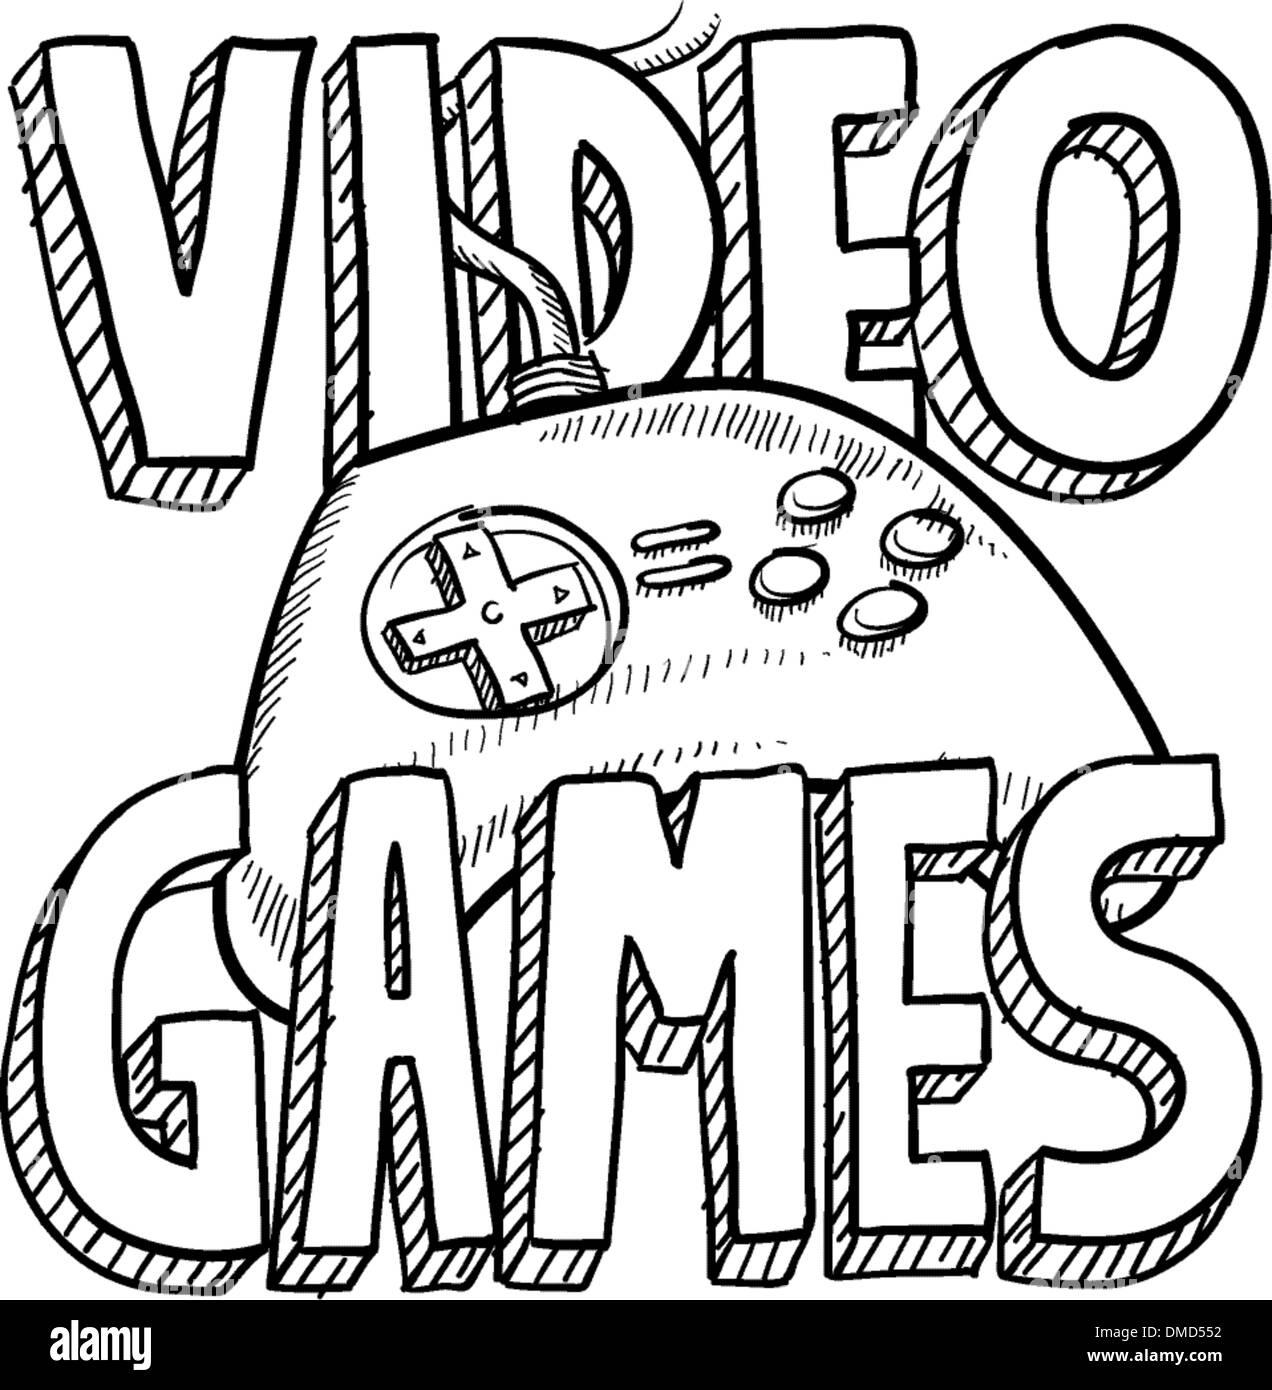 video games sketch stock vector art illustration vector image 2018 Video Games video games sketch